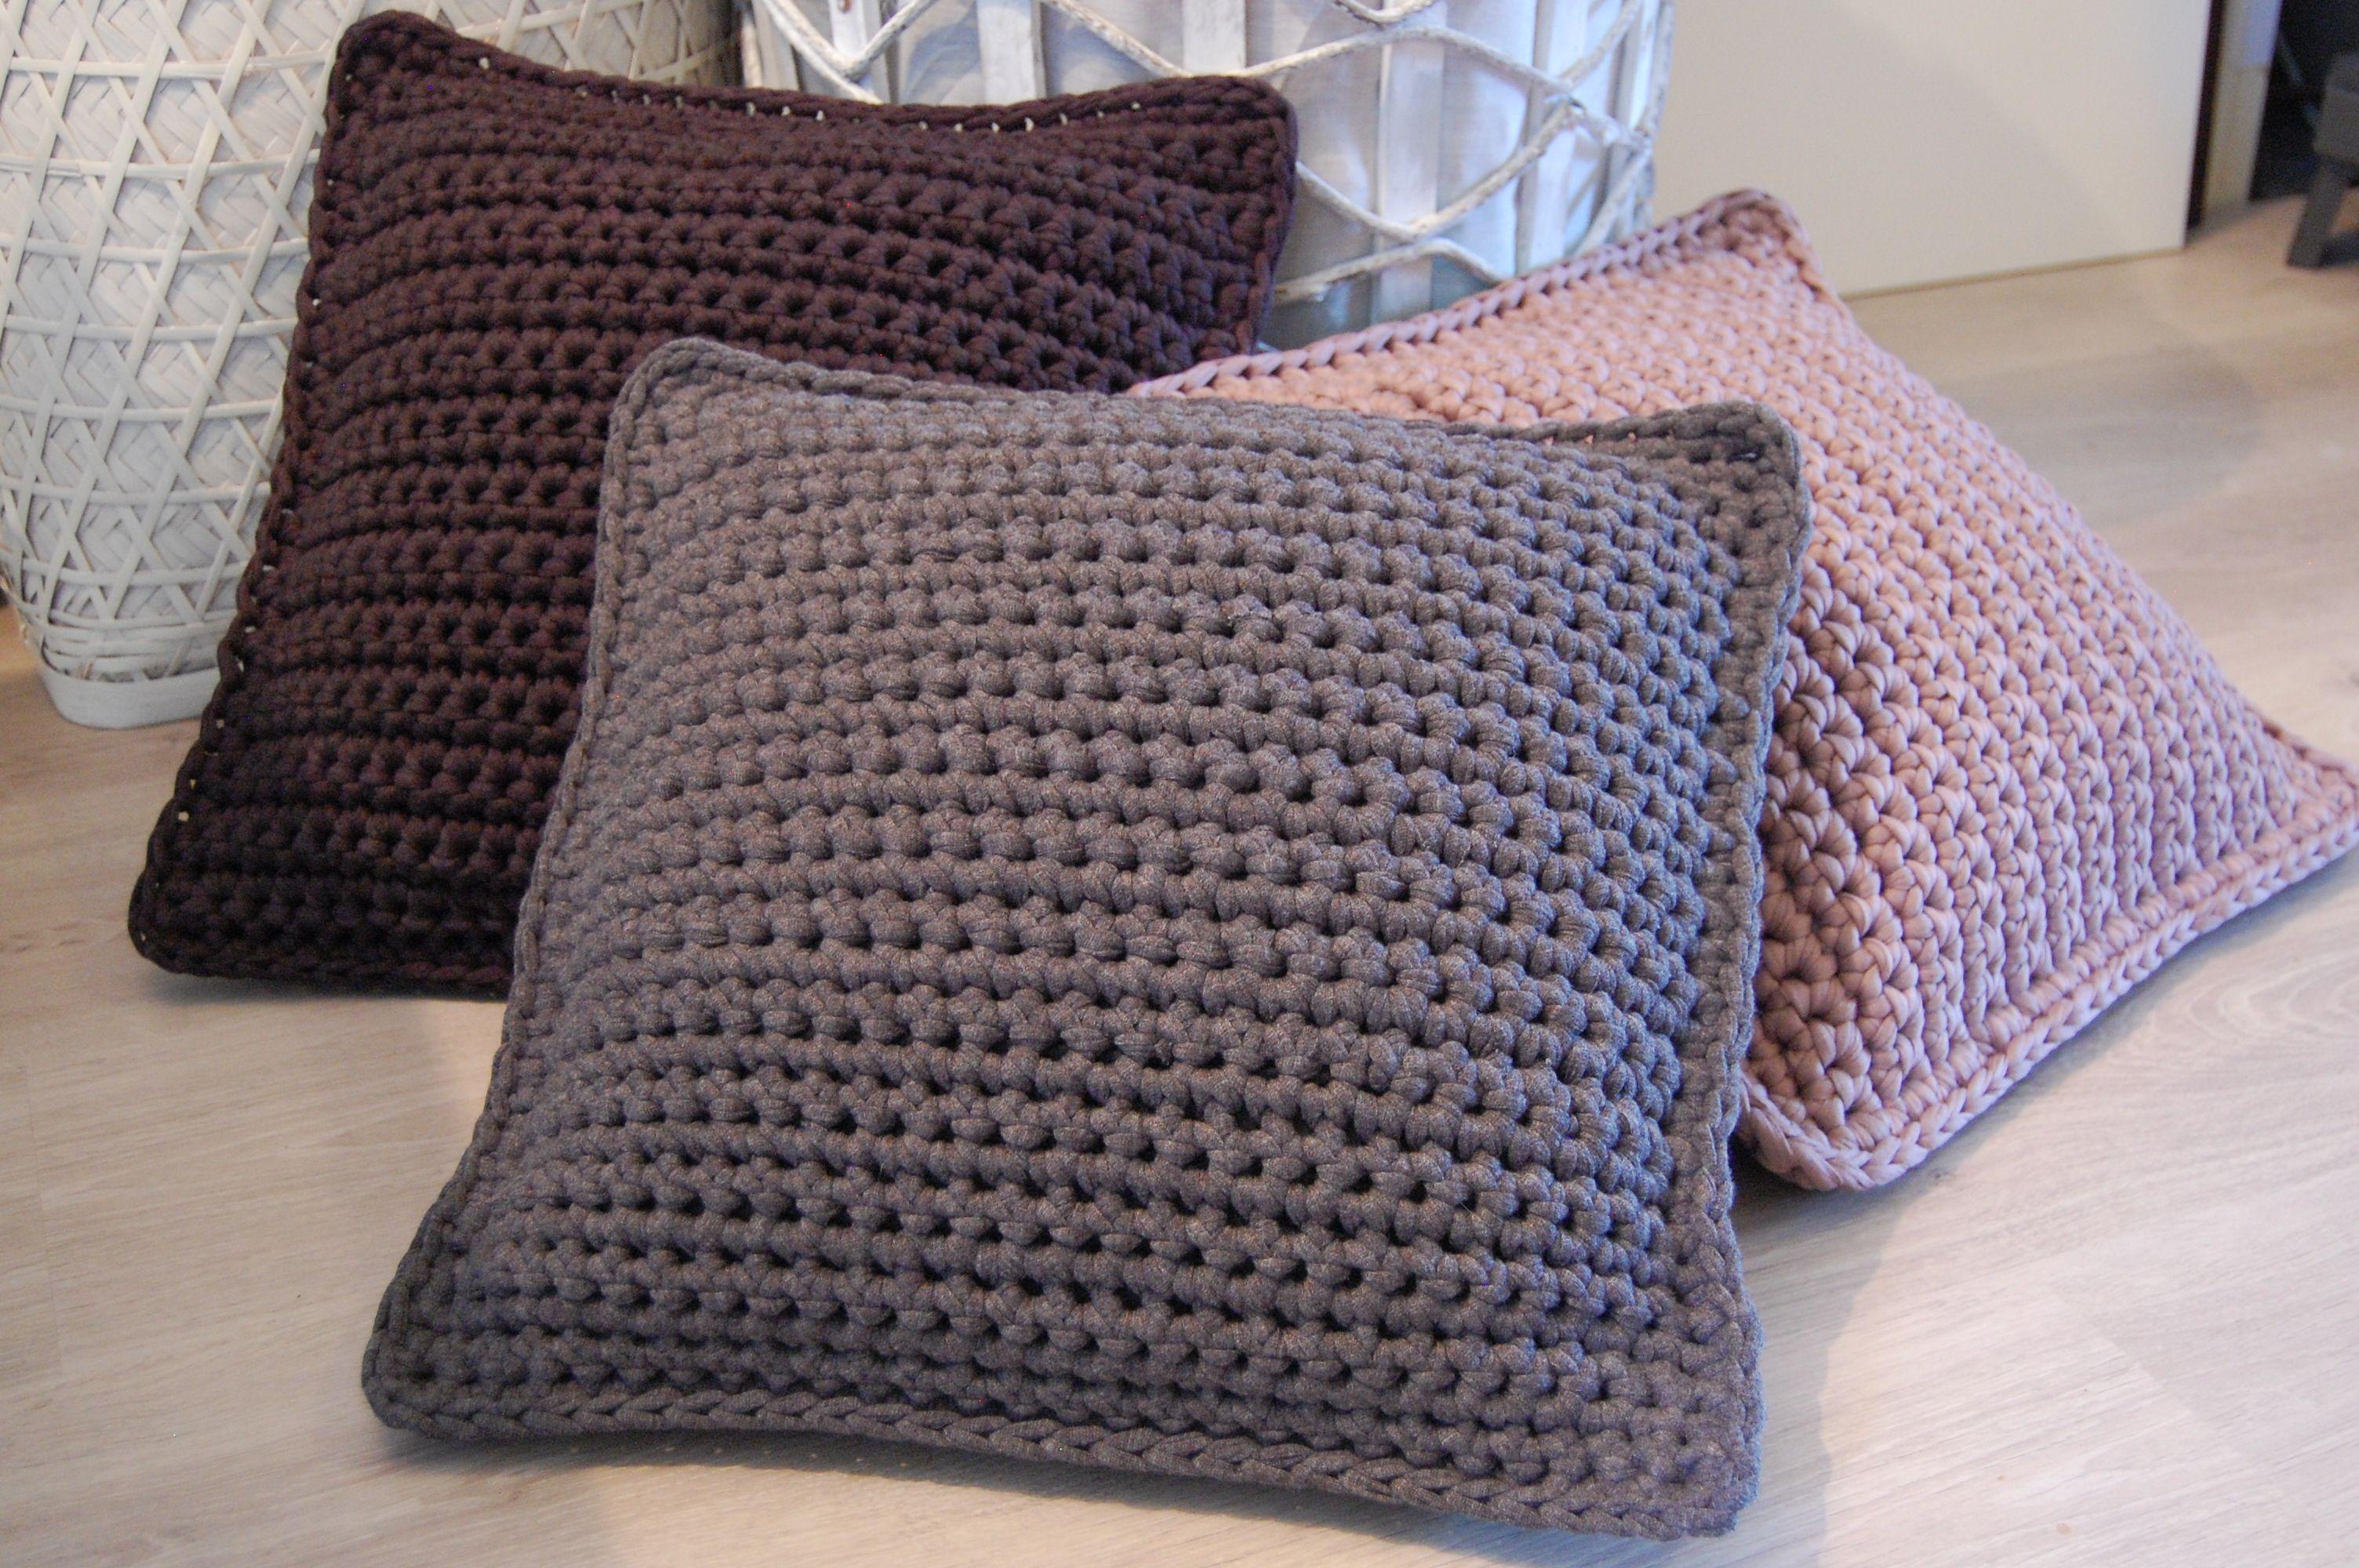 #pillow #Zpagetti #crochet #grey